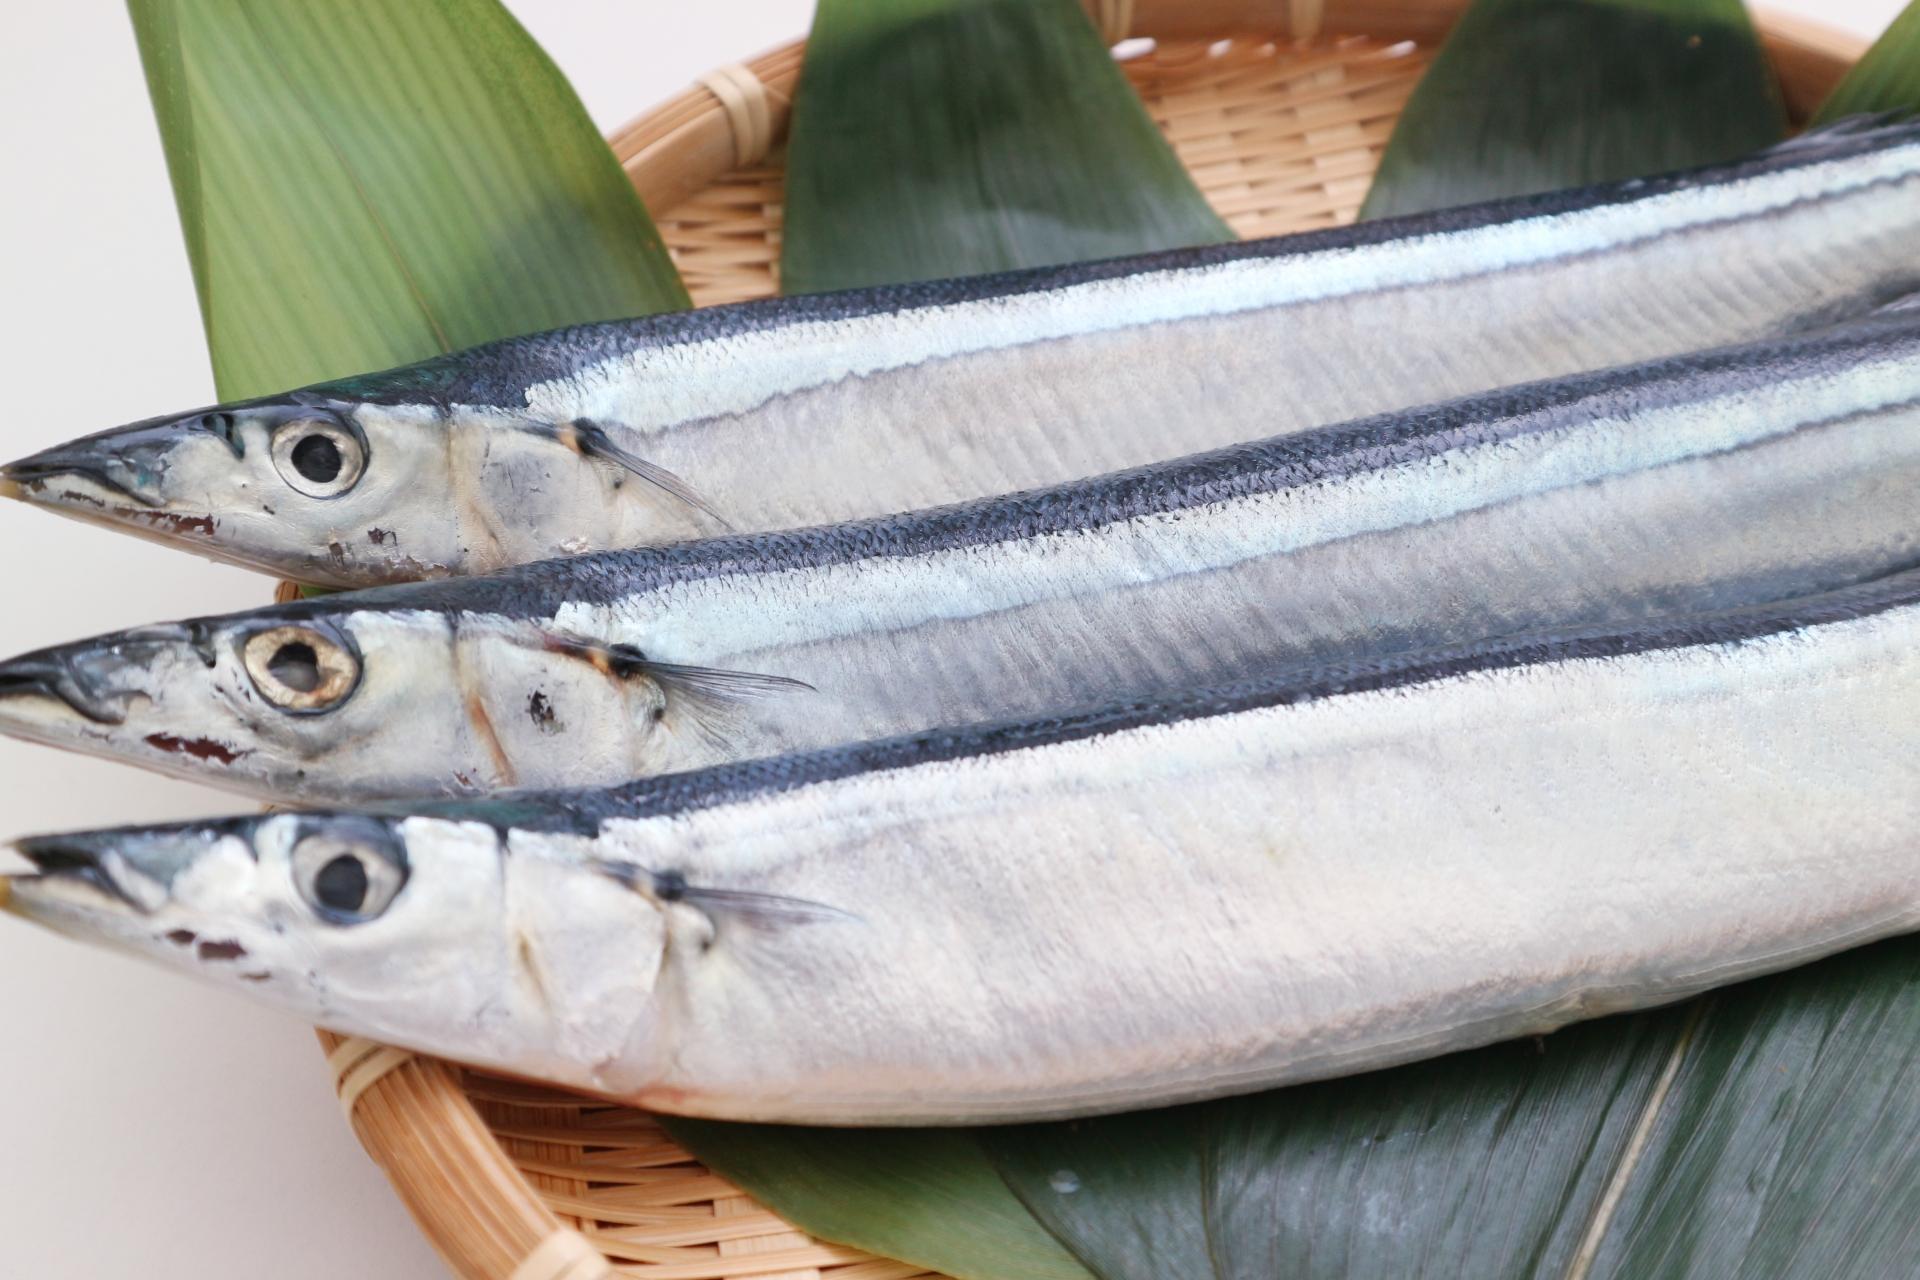 秋刀魚で脳の活性化と生活習慣病予防と美容習慣!栄養と大根おろしの関係も解説